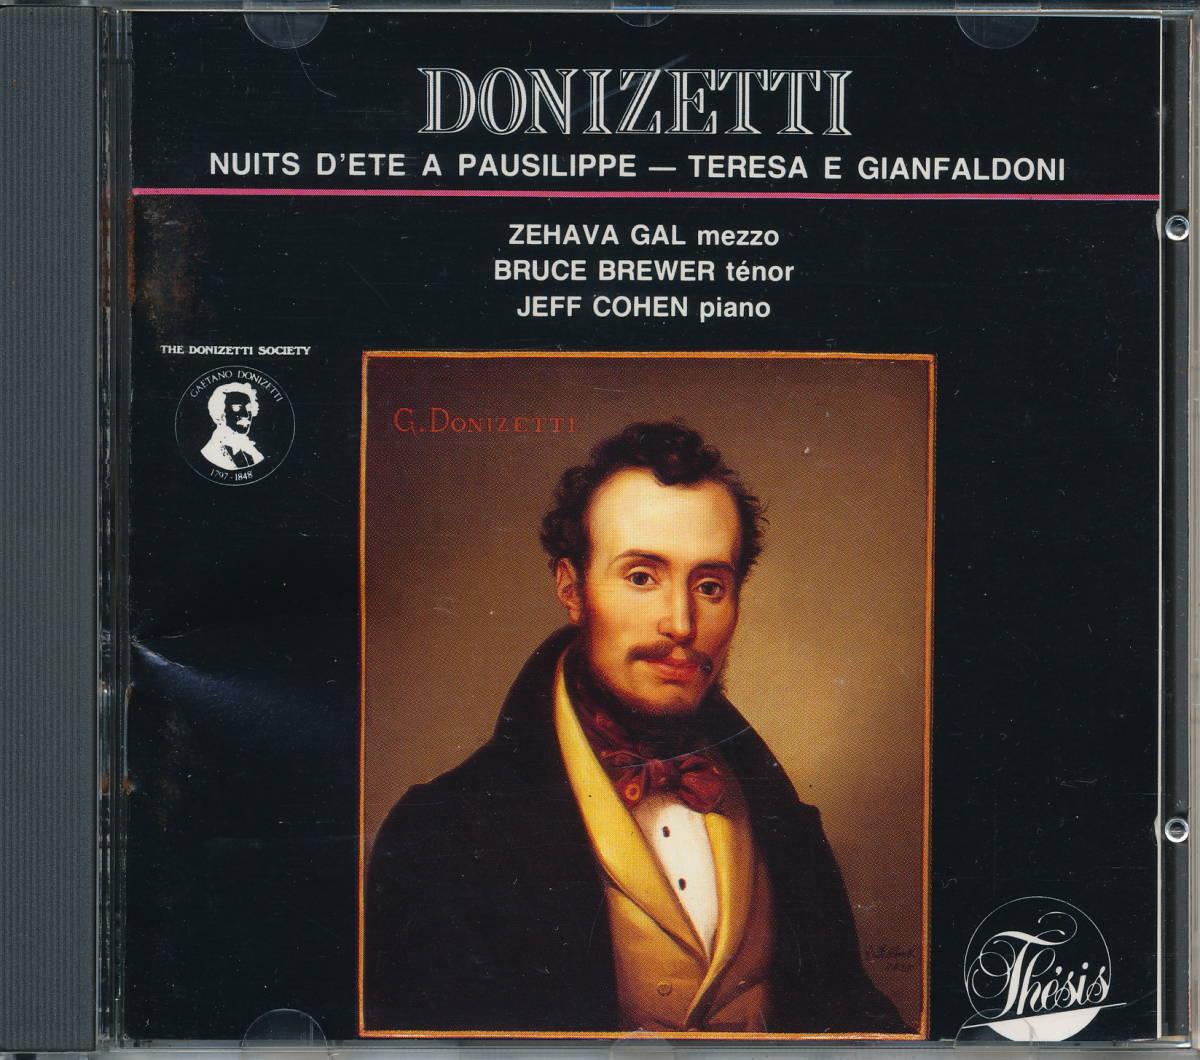 ドニゼッティ Gaetano Donizetti:Nuits d'ete a Pausilippe - Teresa e Gianfaldoni Z. GAL/ B. BREWER/ J. COHEN